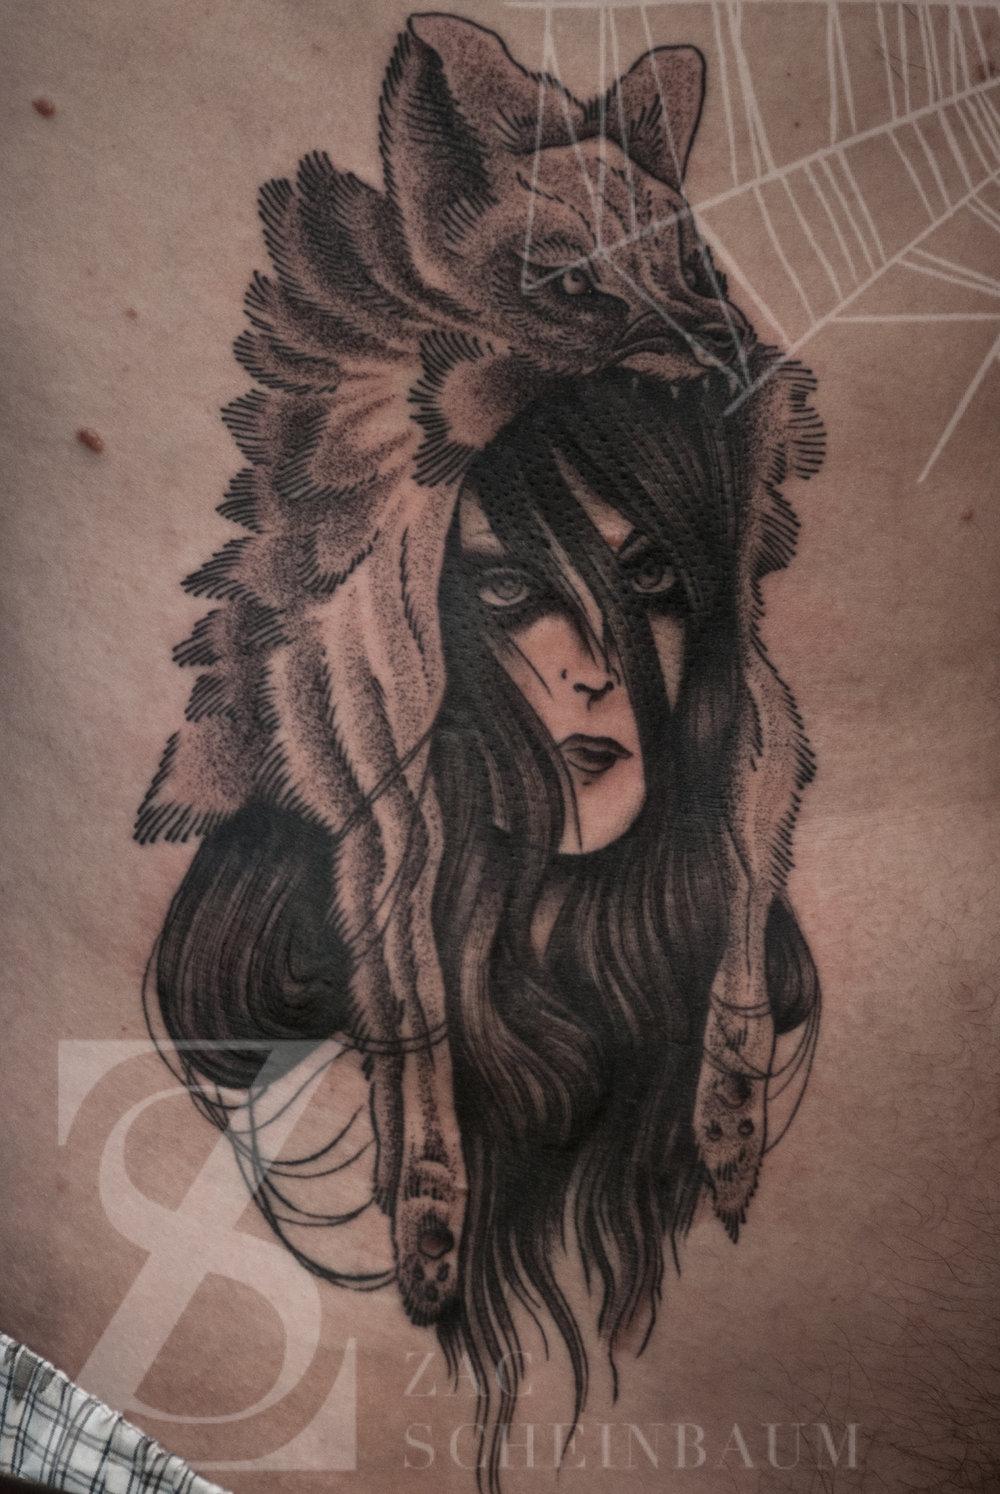 zac-scheinbaum-saved-tattoo-wolf-girl-2011-2011-1.jpg